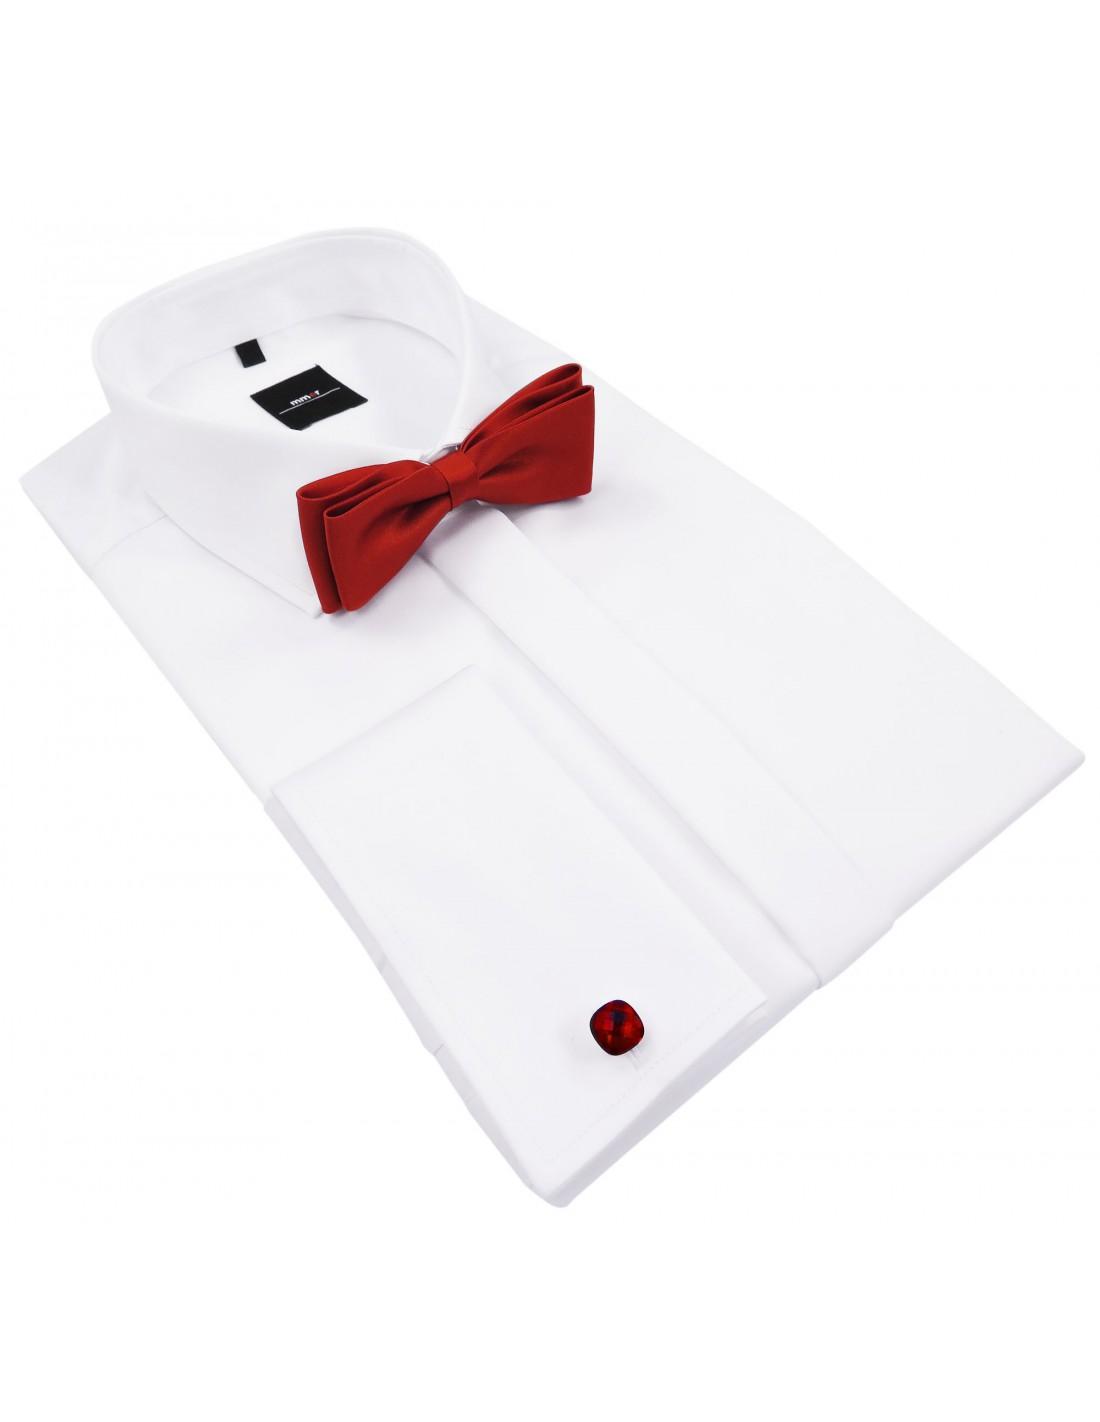 b7363e81 Biała koszula na spinki Mmer 100% bawełny 63 | Sklep Internetowy ...